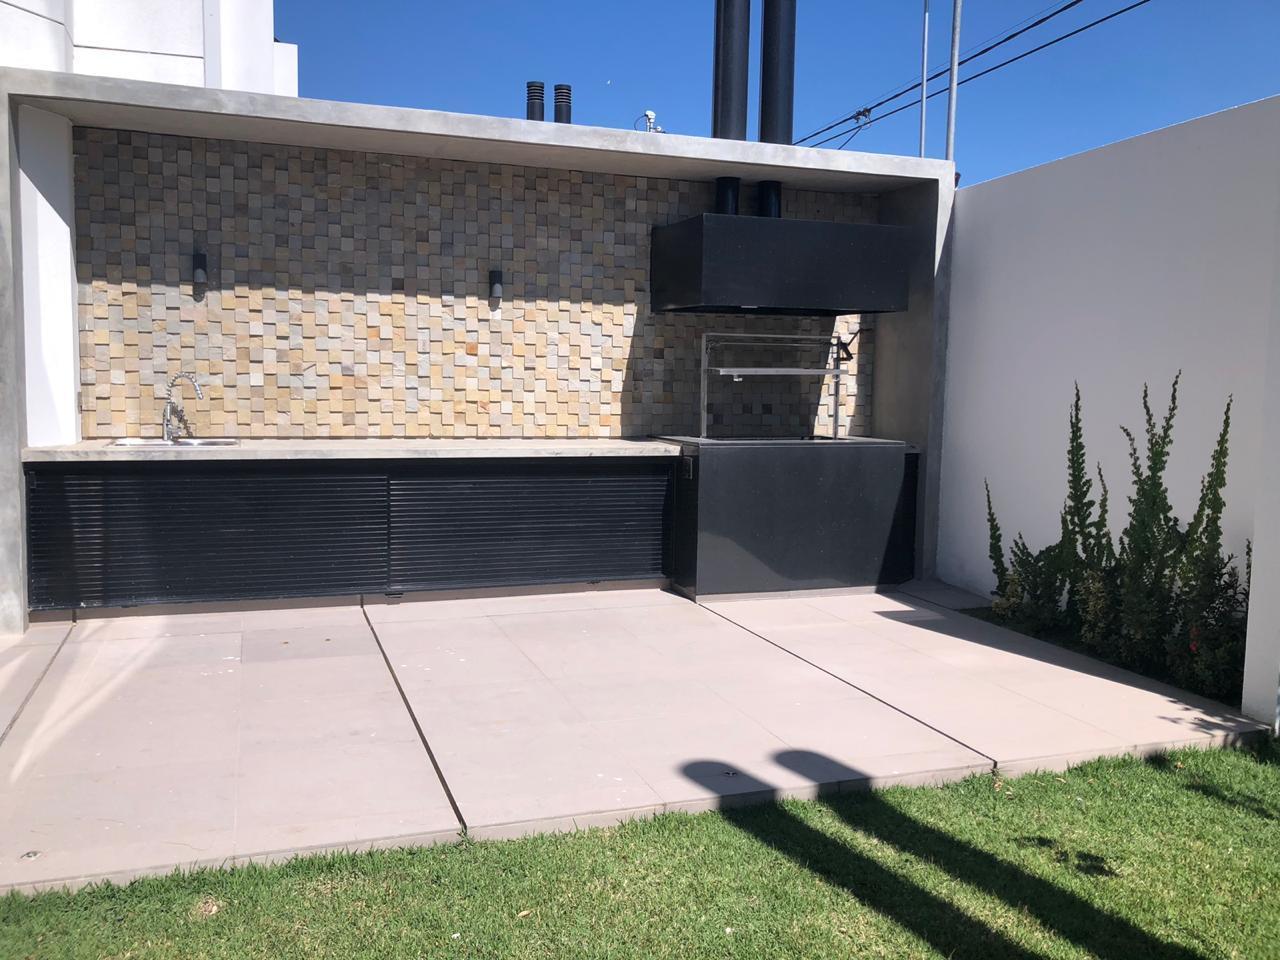 Casa en Alquiler CASA EN ALQUILER, CONDOMINIO COSTANERA BLUE Foto 2